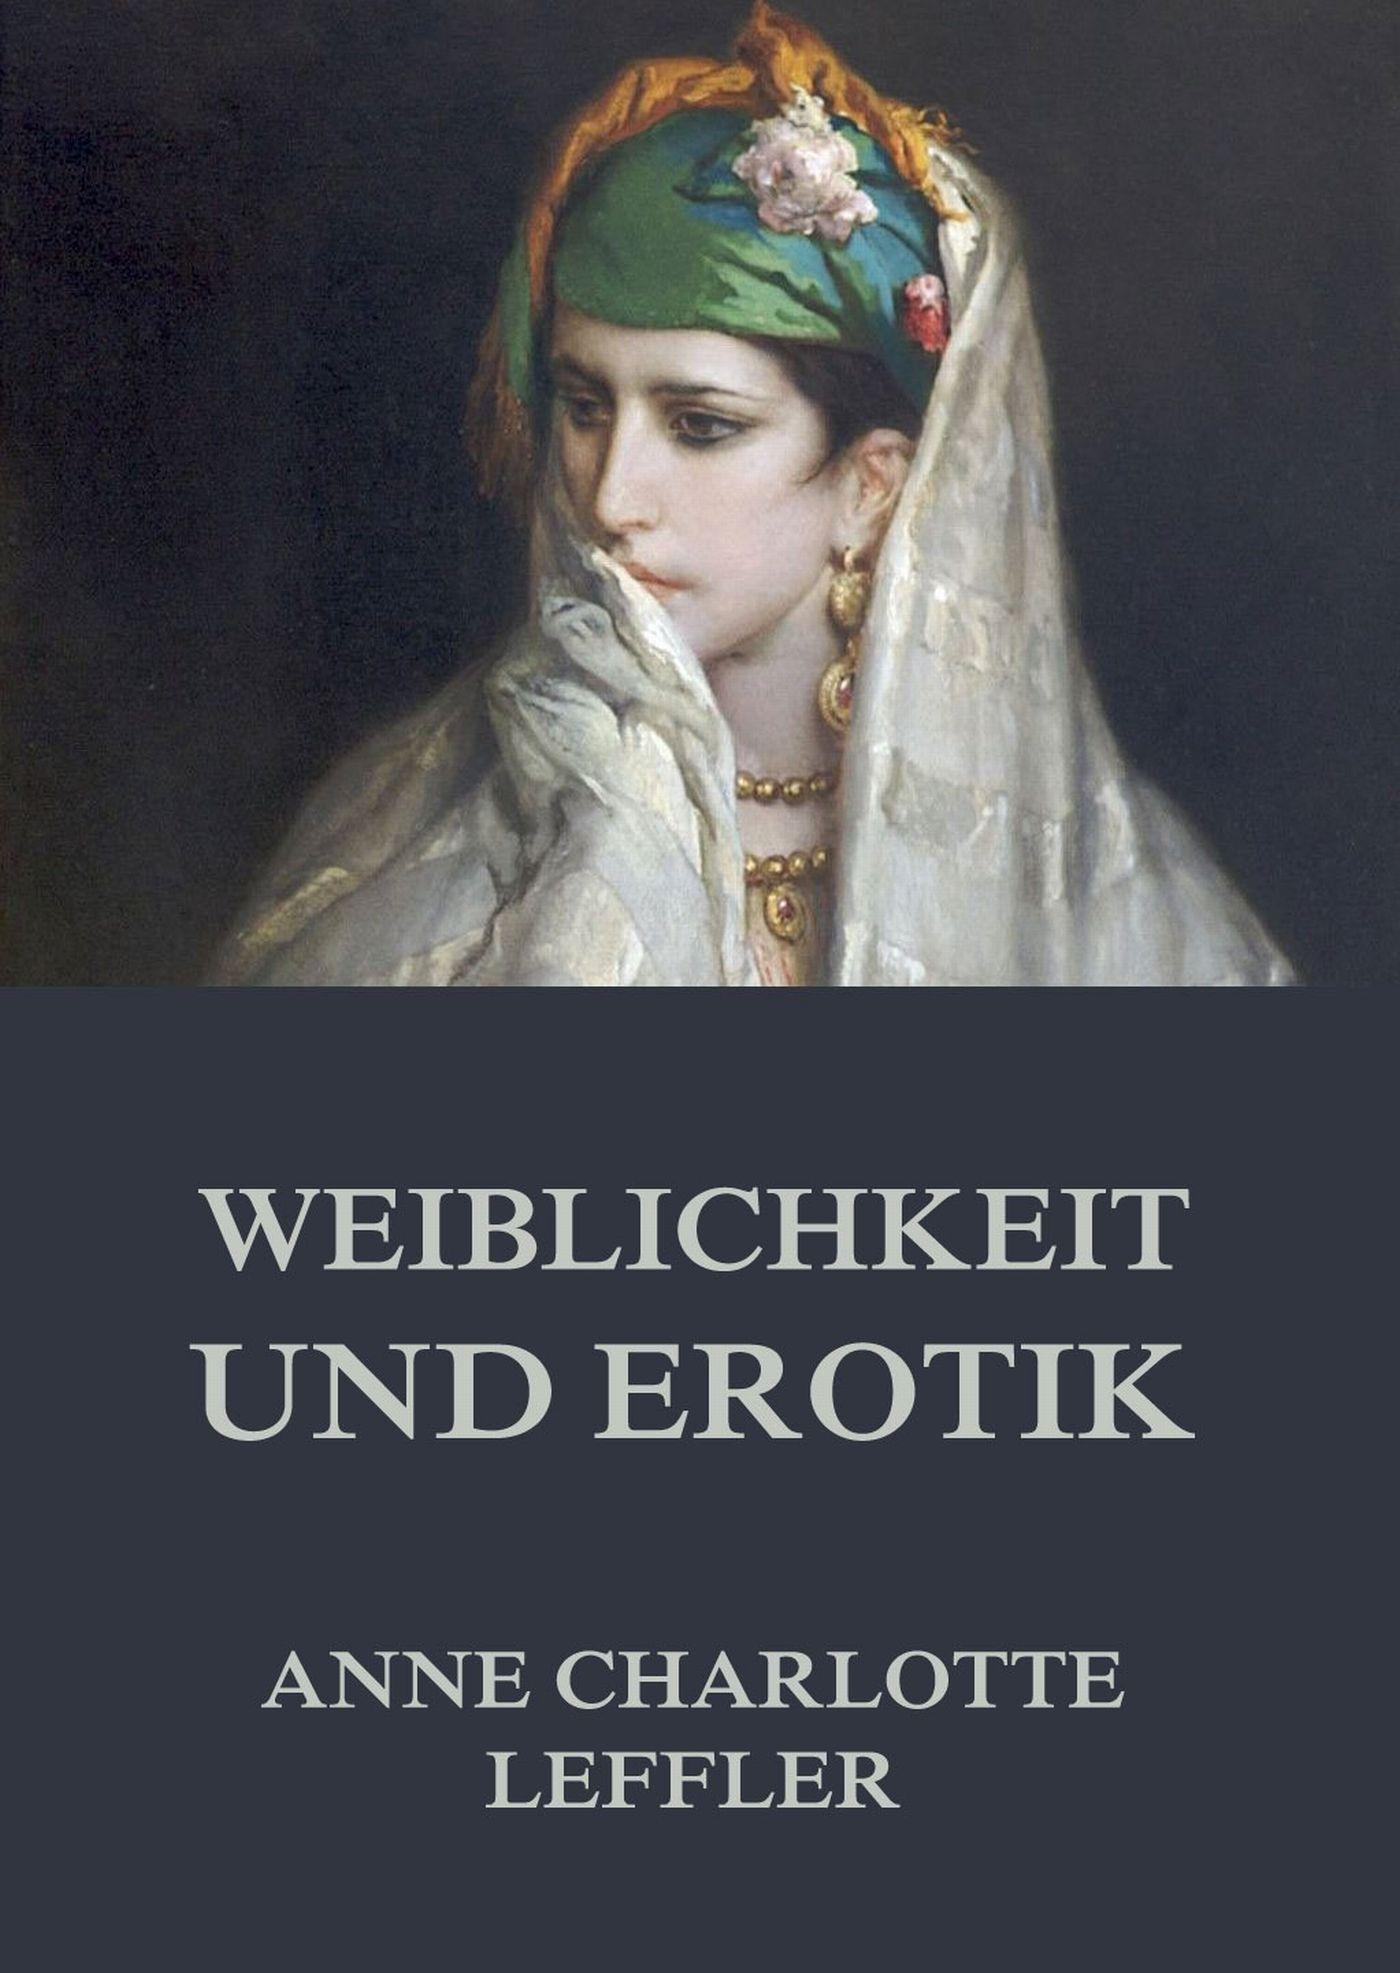 Anne Charlotte Leffler Weiblichkeit und Erotik anne katrin hagen kleines und großes hufeisen